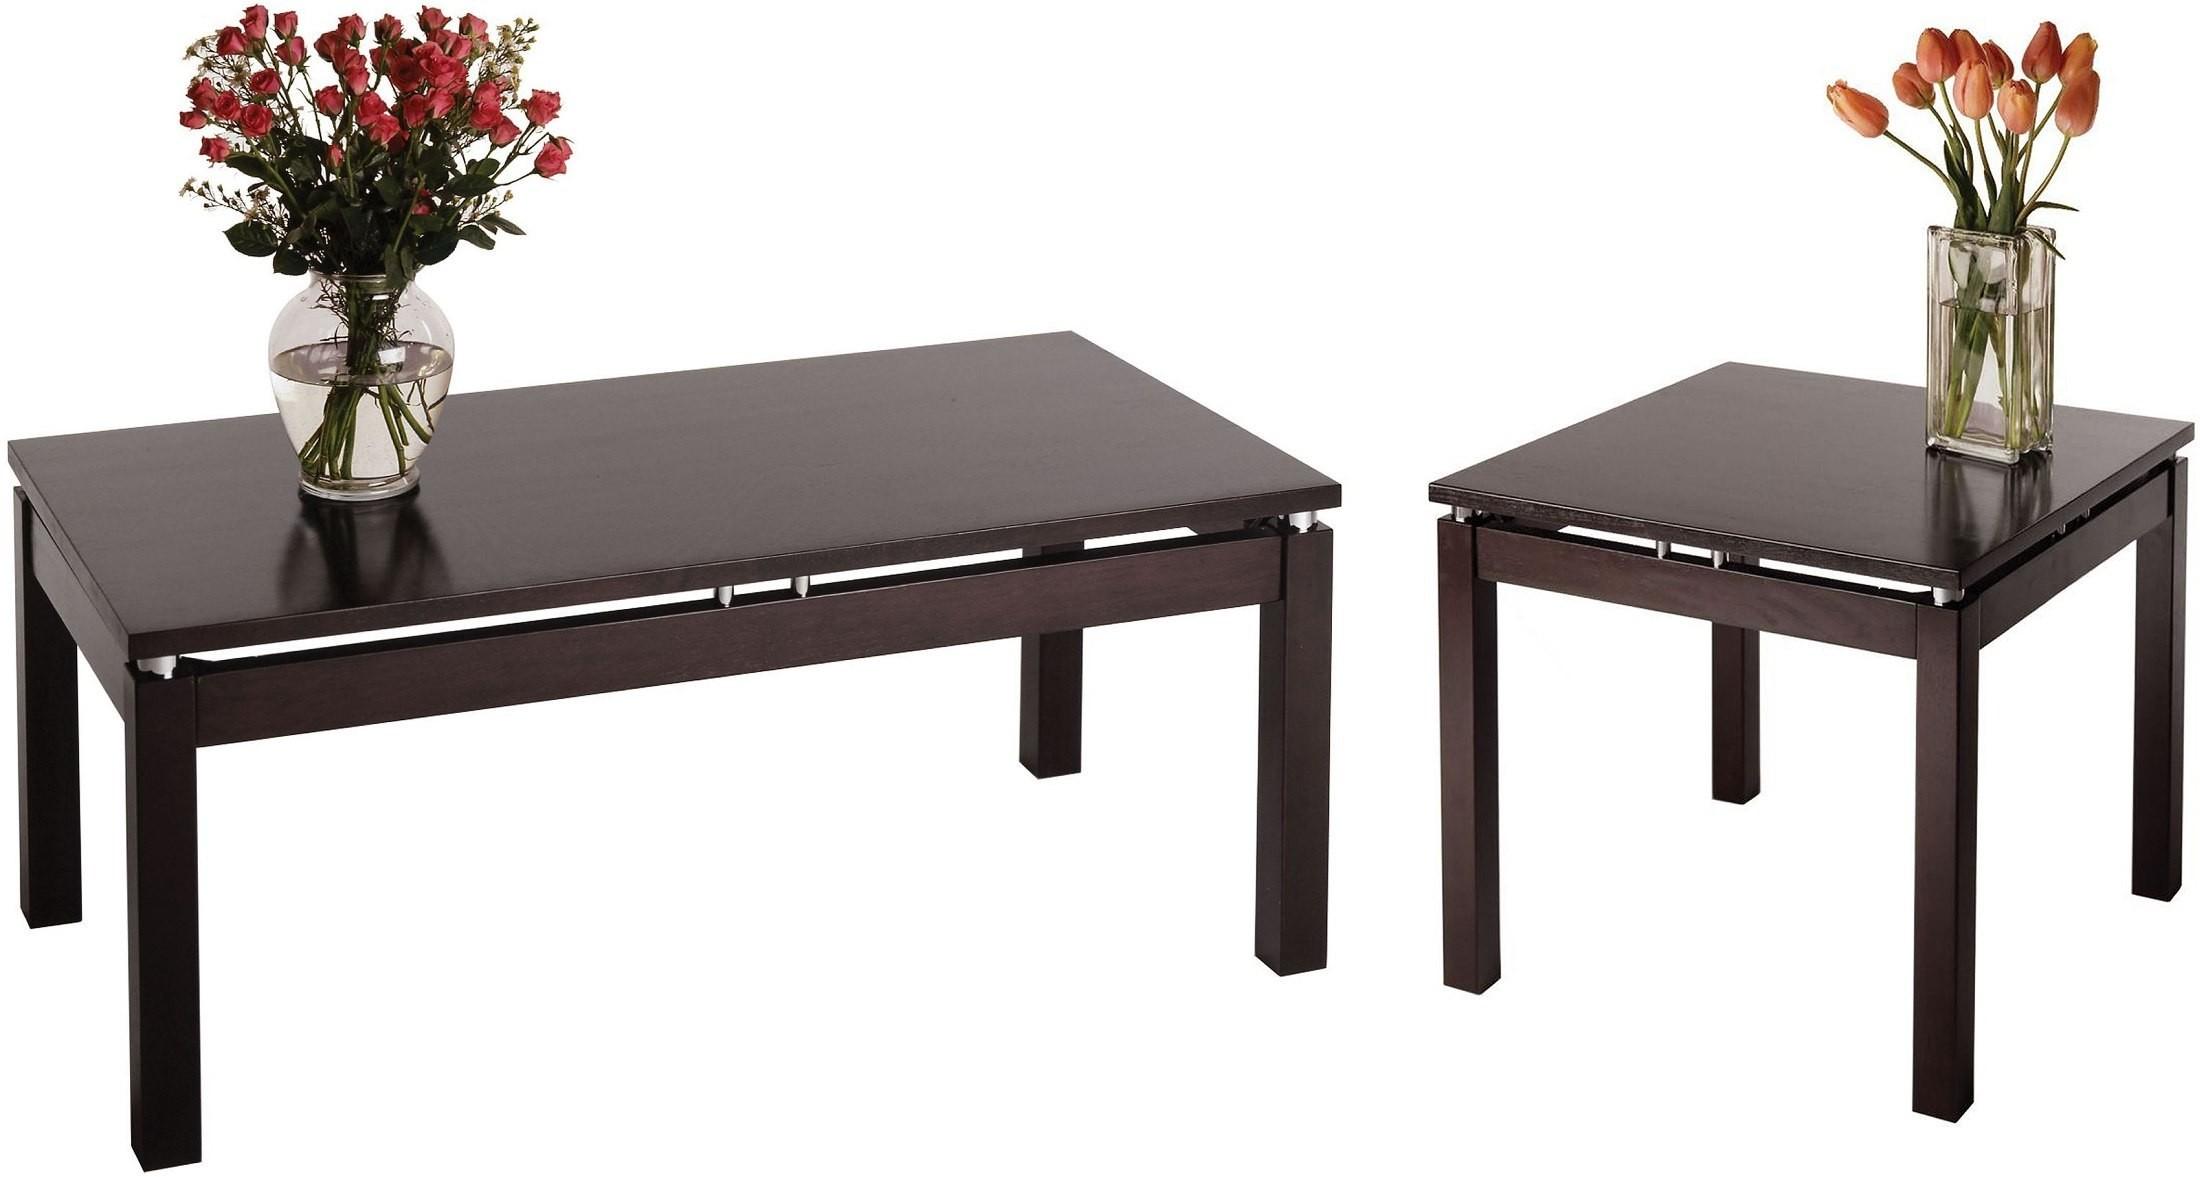 Linea Dark Espresso Coffee Table 92740 Winsome